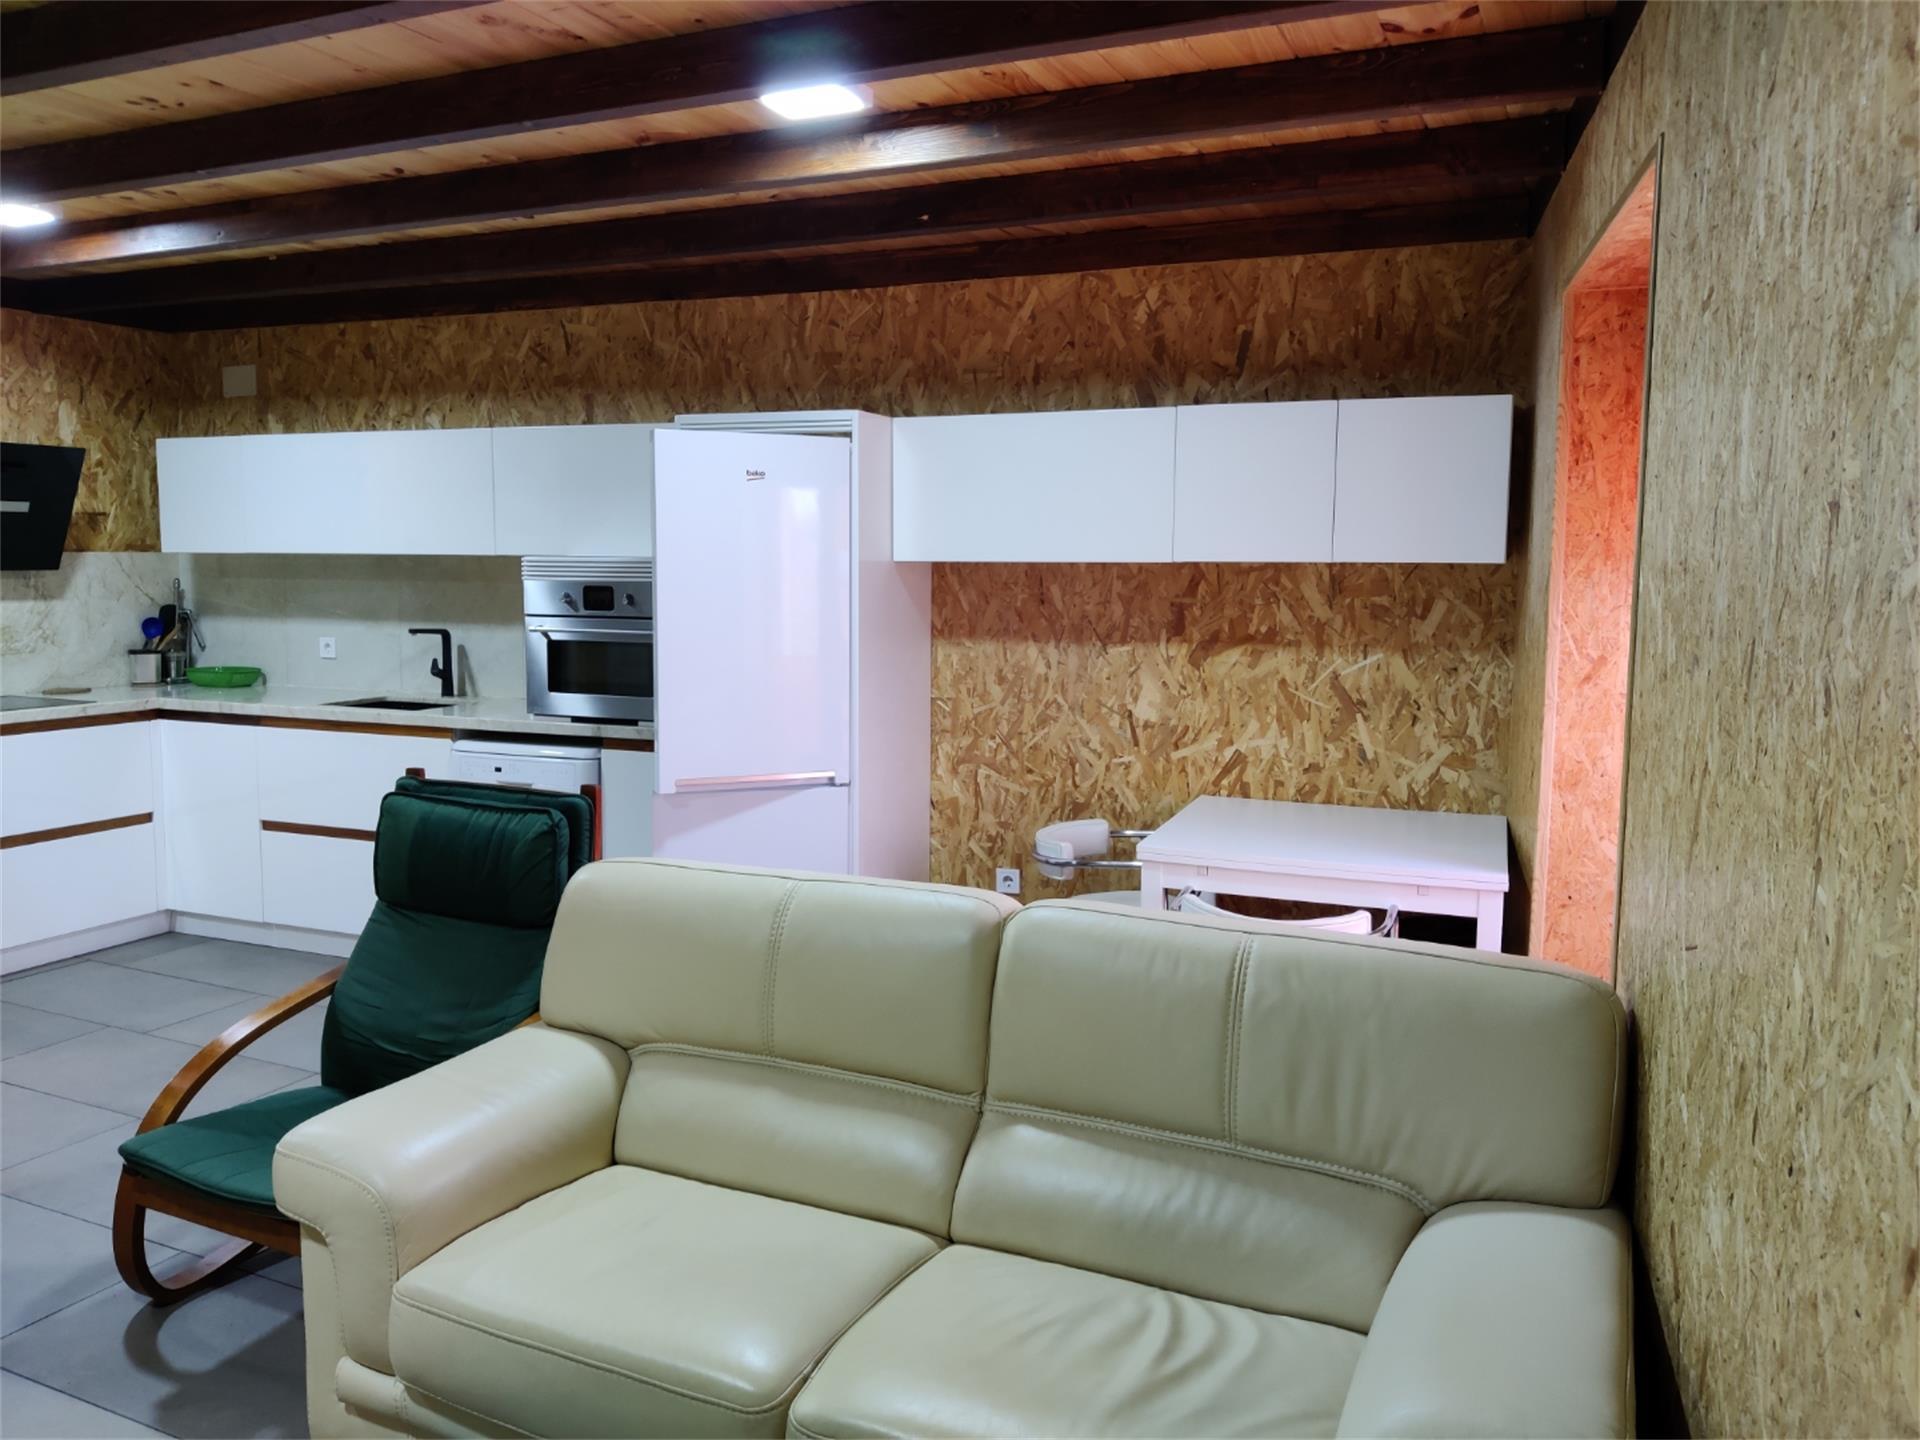 Apartamento de alquiler en Calle de la Fragua, 33 Matapozuelos (Matapozuelos, Valladolid)